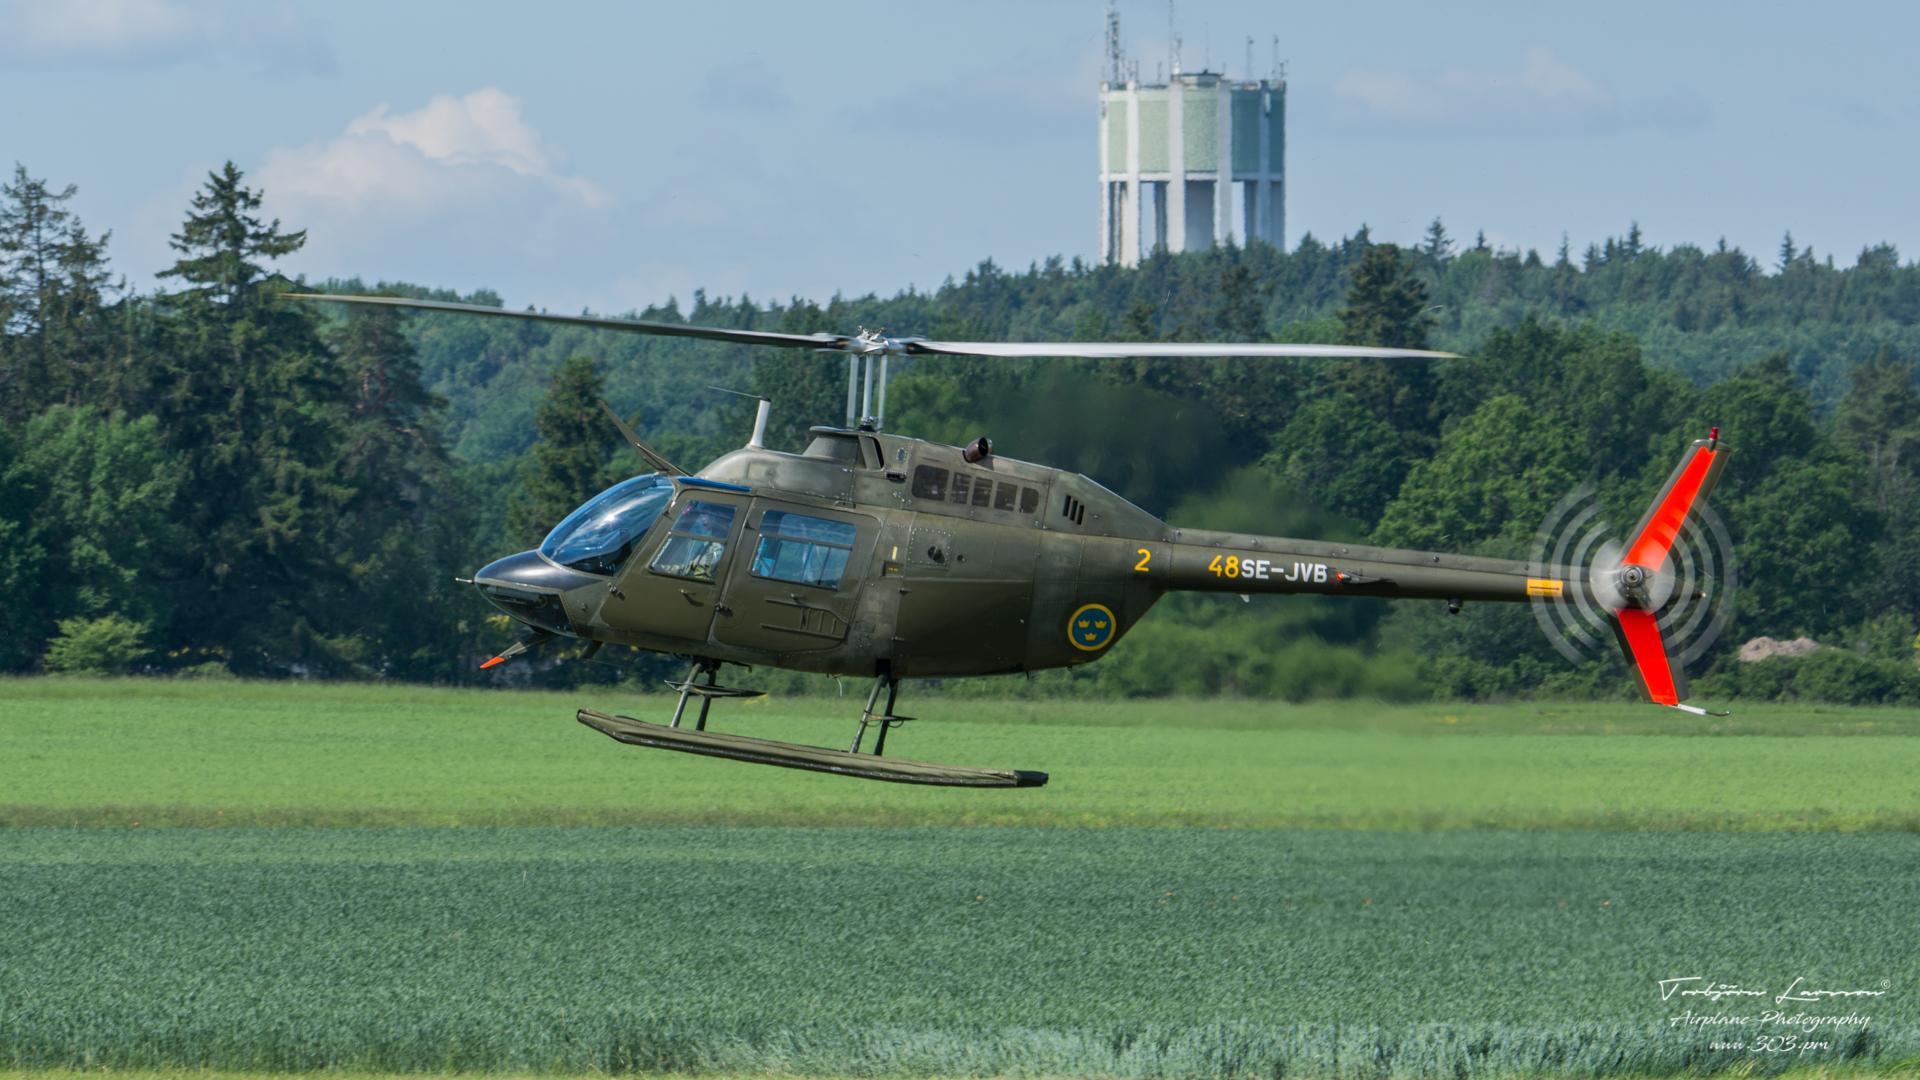 TBE_5985-Agusta Bell 206B Jet Ranger (SE-JVB)